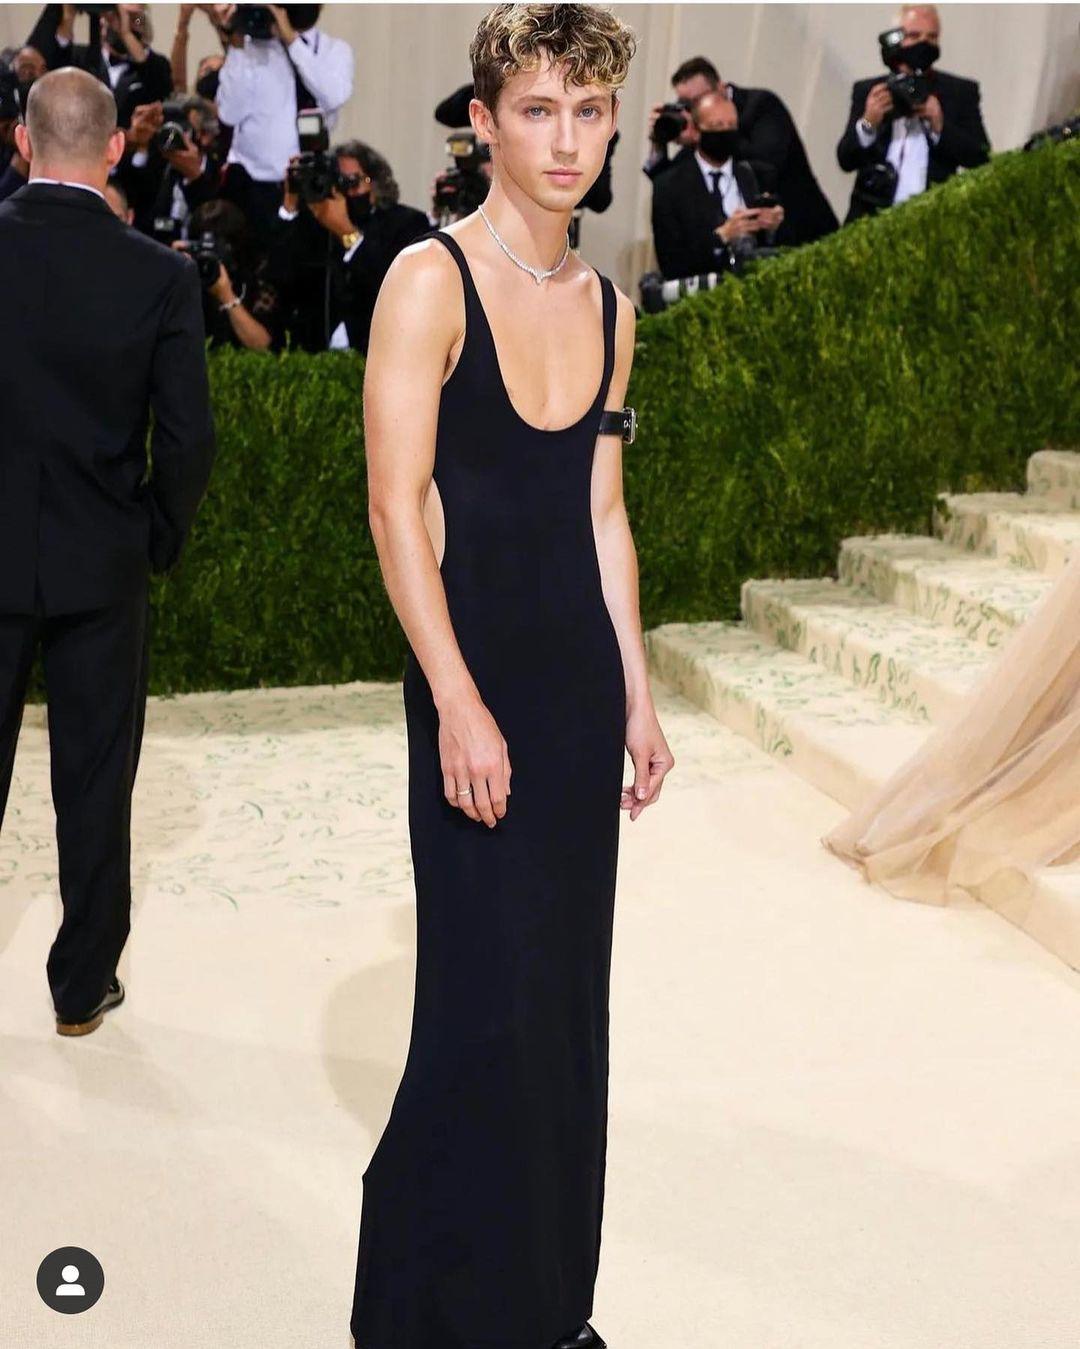 Met Gala 2021: Rosé xuất hiện, mặc lại váy cũ và chìm nghỉm giữa những màn lột đồ lồng lộn trên thảm đỏ  - Ảnh 6.